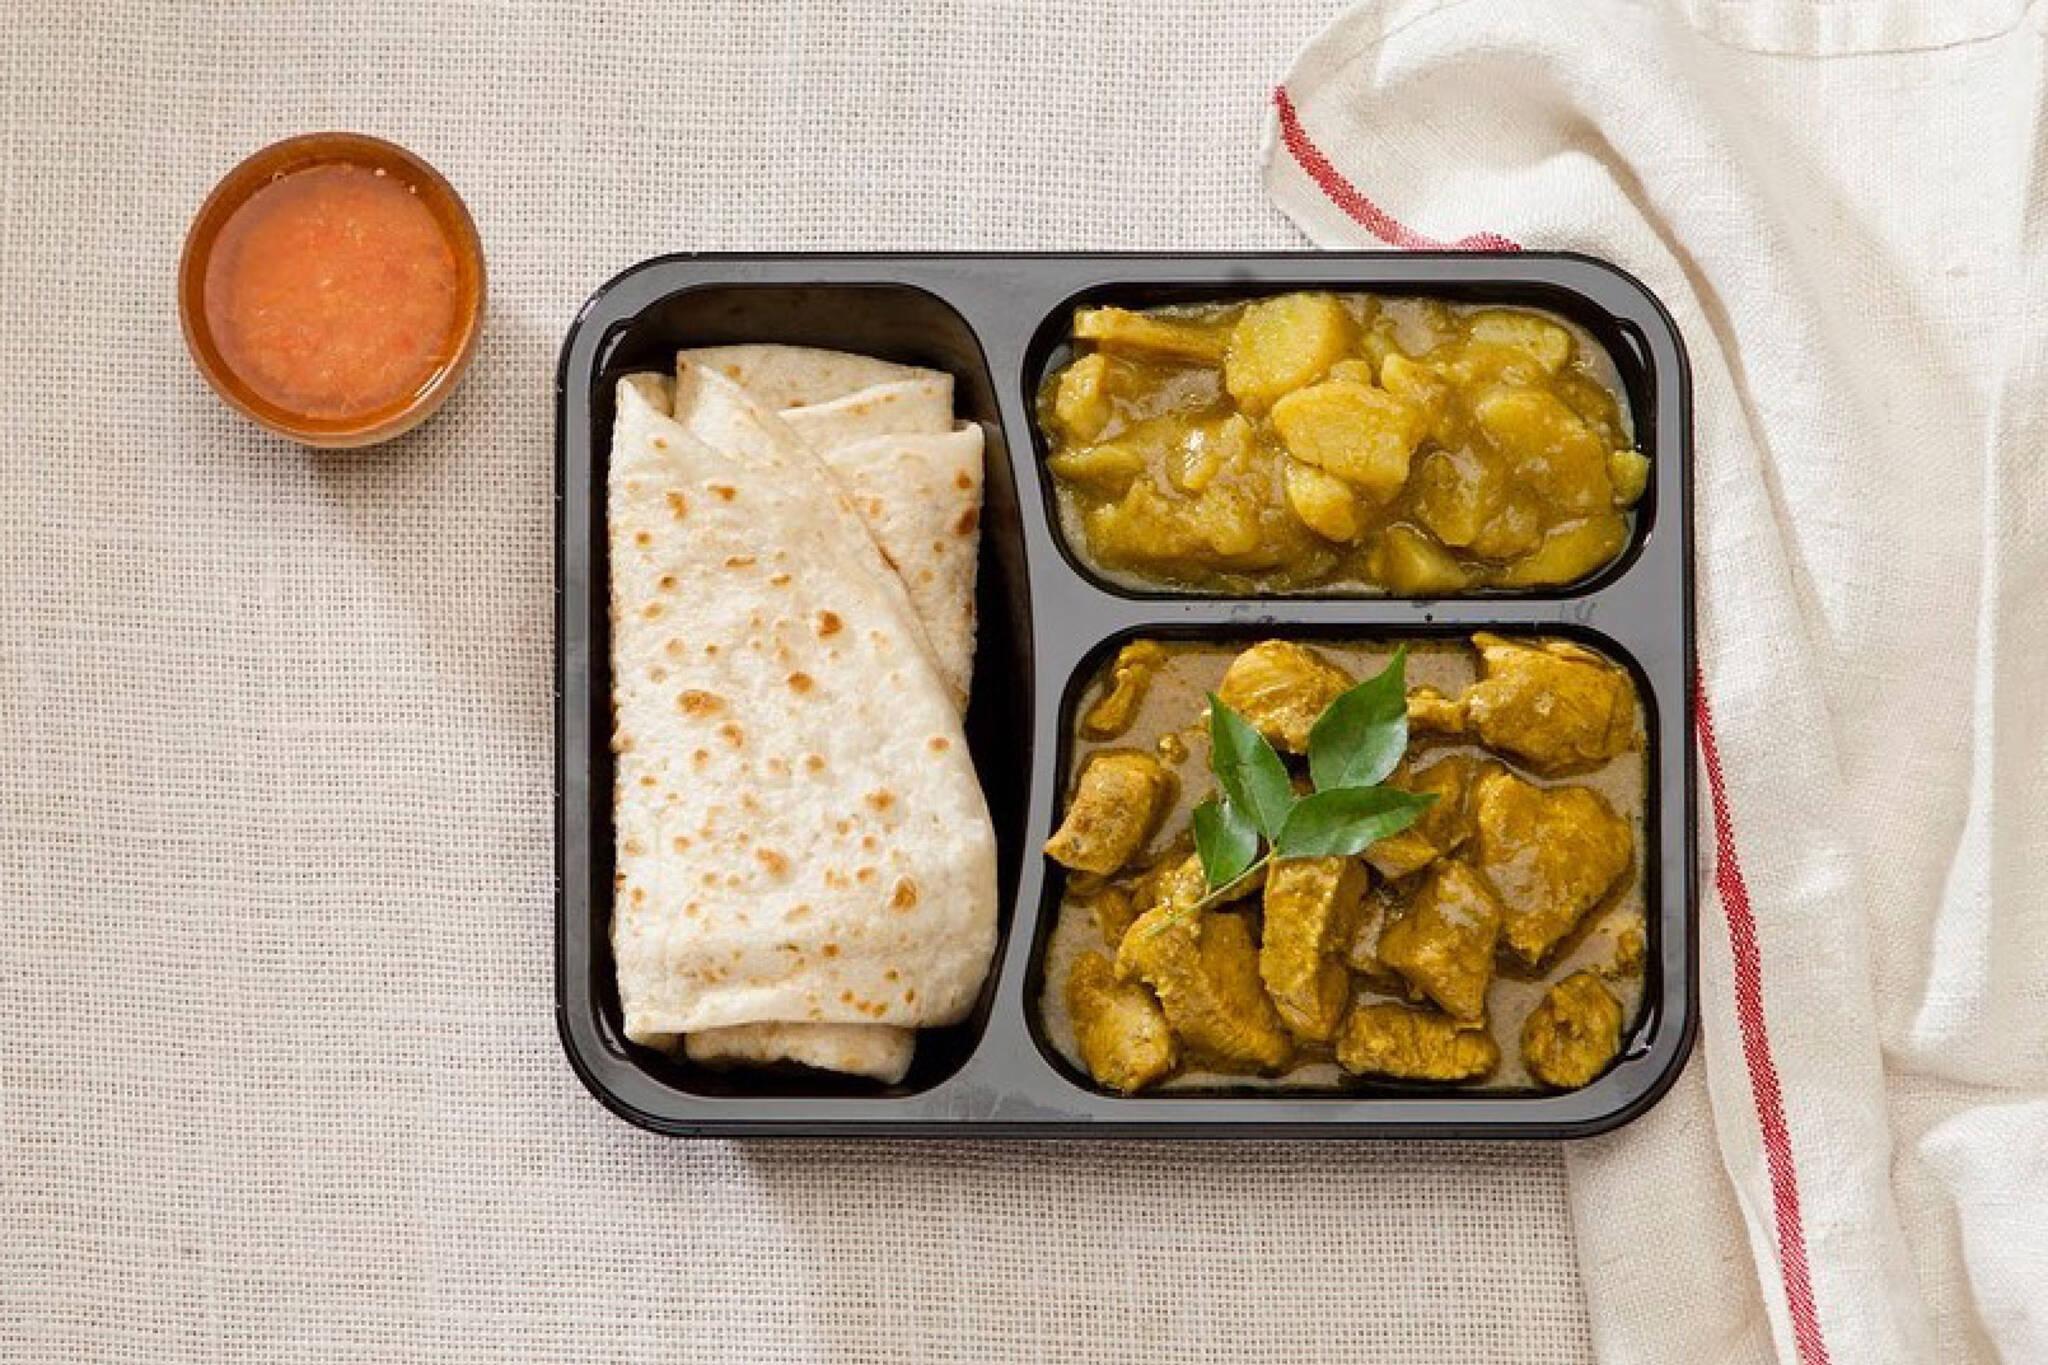 roti meal kit toronto